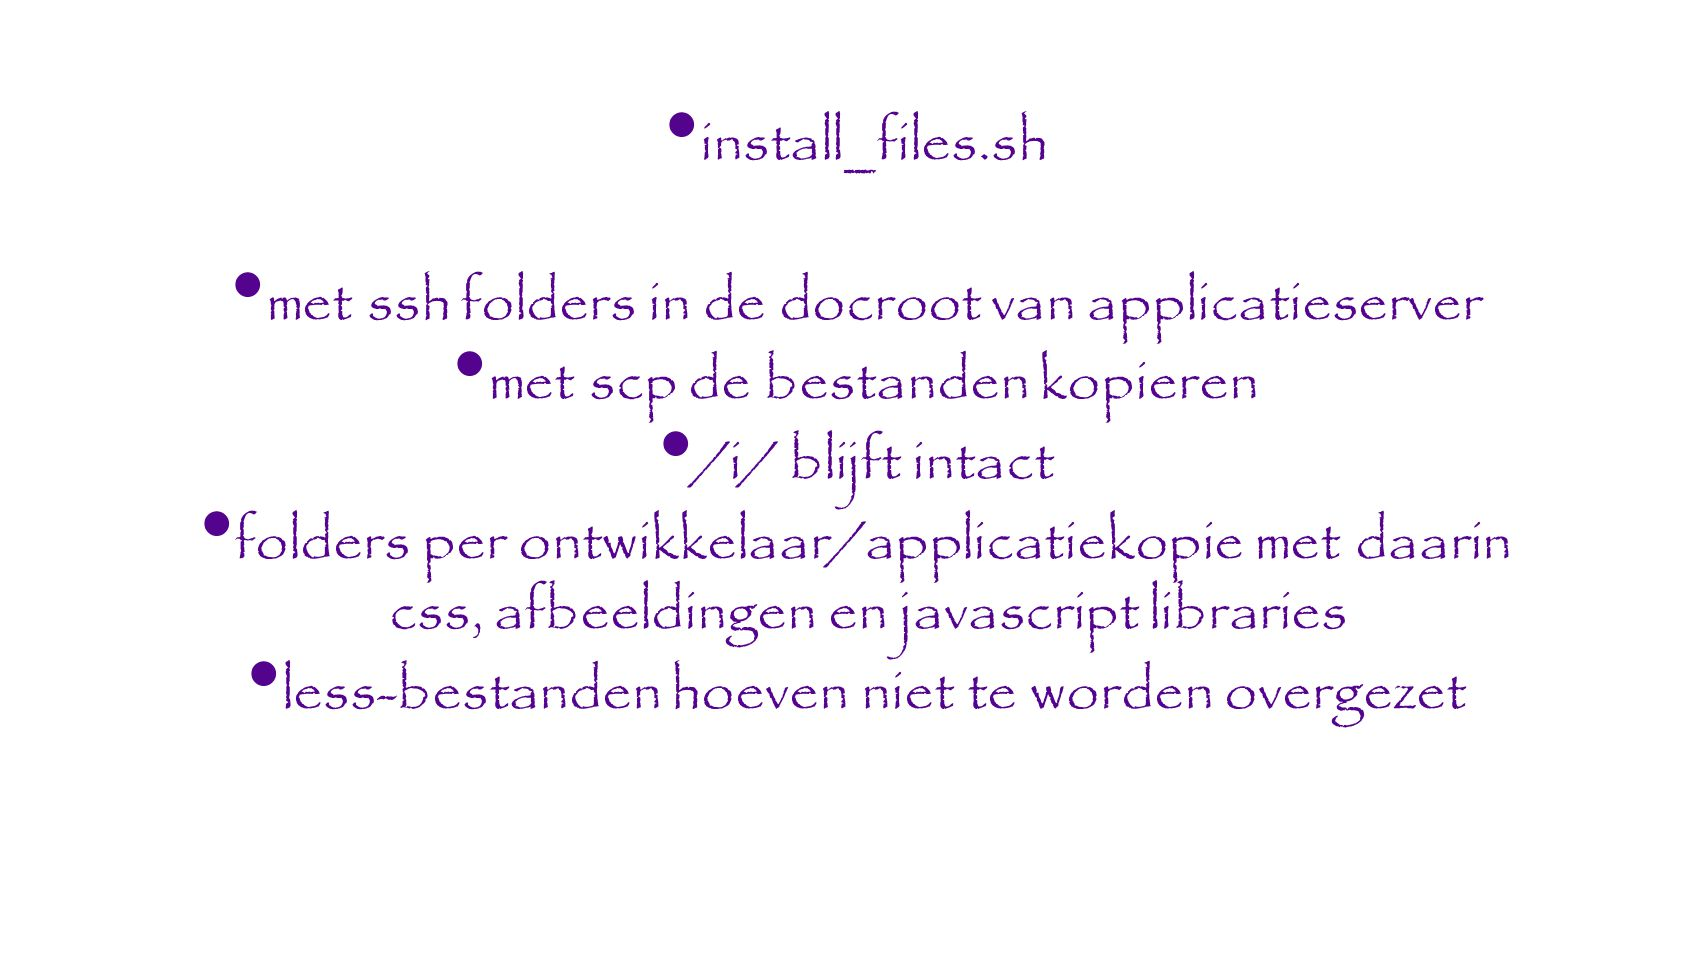 install_files.sh met ssh folders in de docroot van applicatieserver met scp de bestanden kopieren /i/ blijft intact folders per ontwikkelaar/applicatiekopie met daarin css, afbeeldingen en javascript libraries less-bestanden hoeven niet te worden overgezet